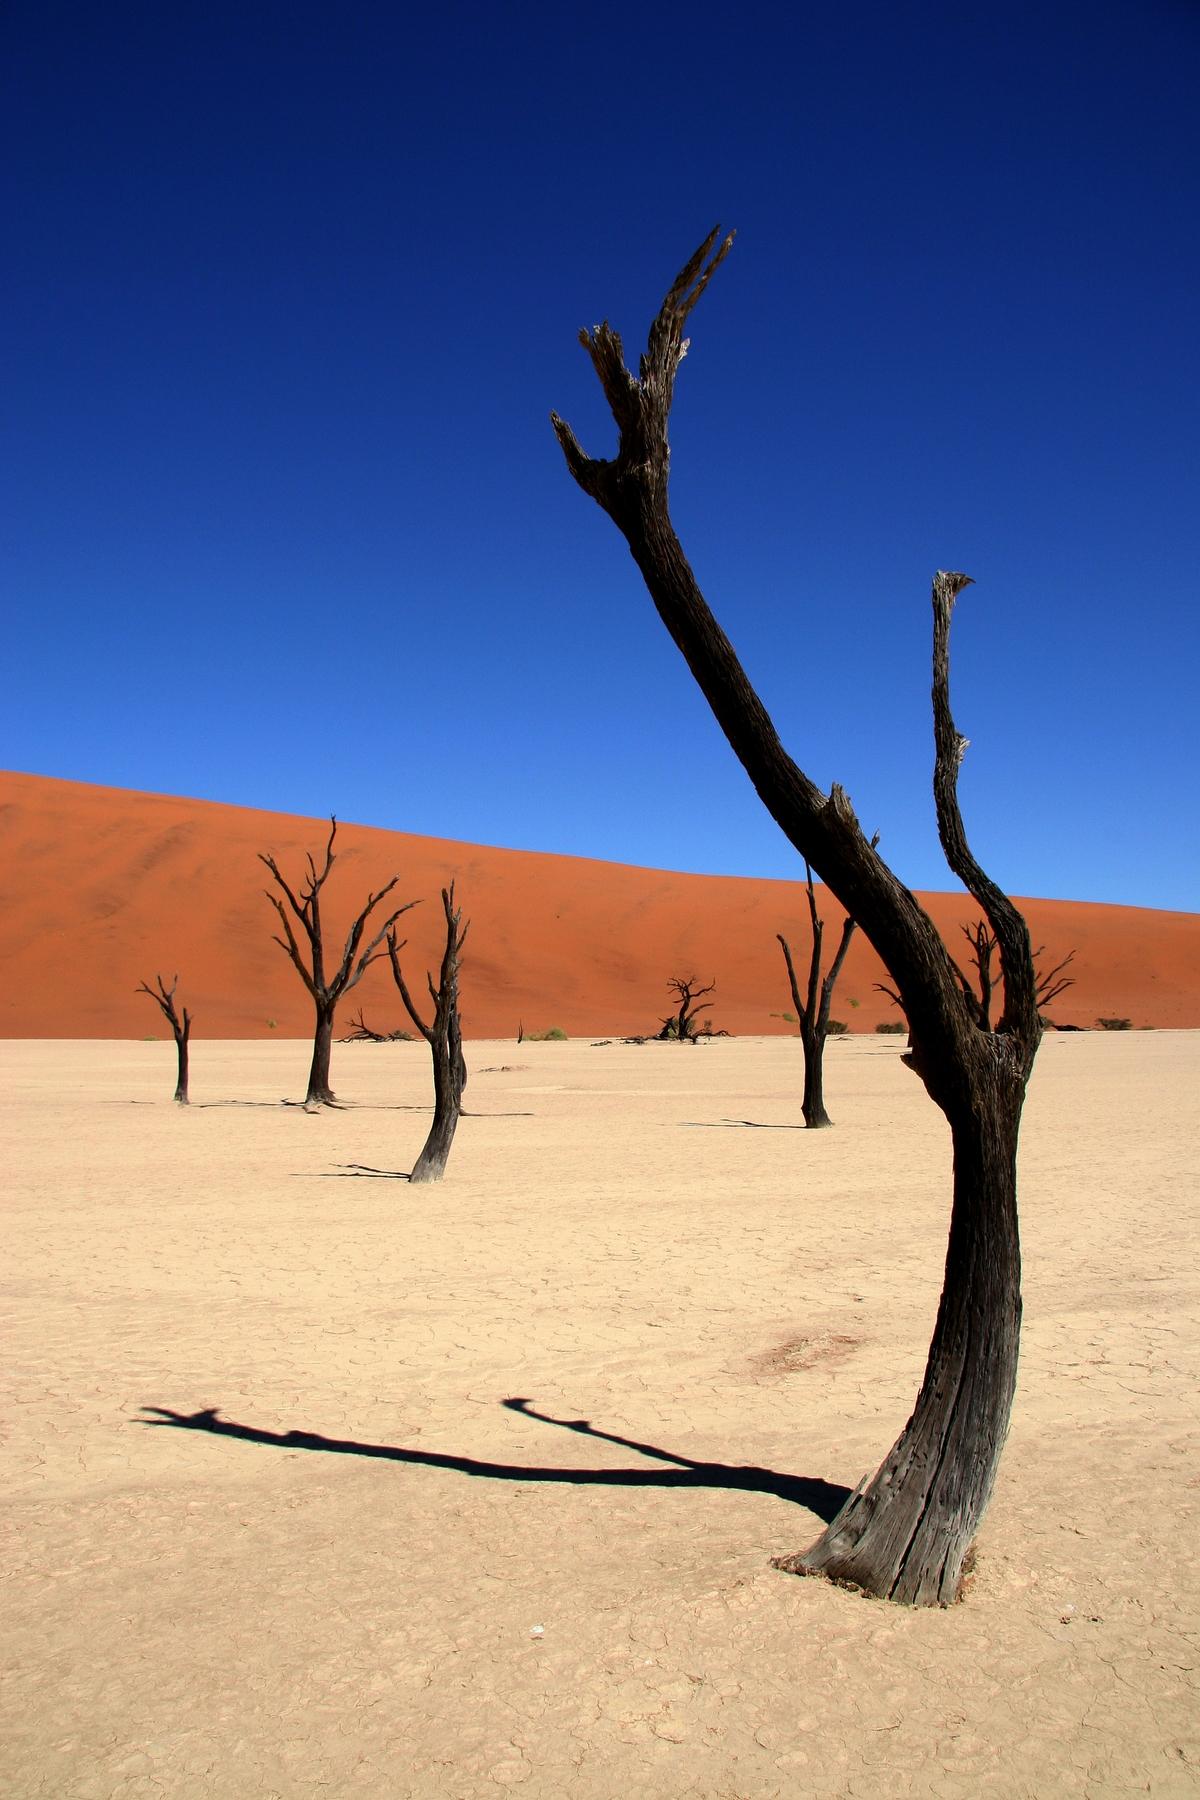 Los 20 lugares más espectaculares del mundo: Namibia